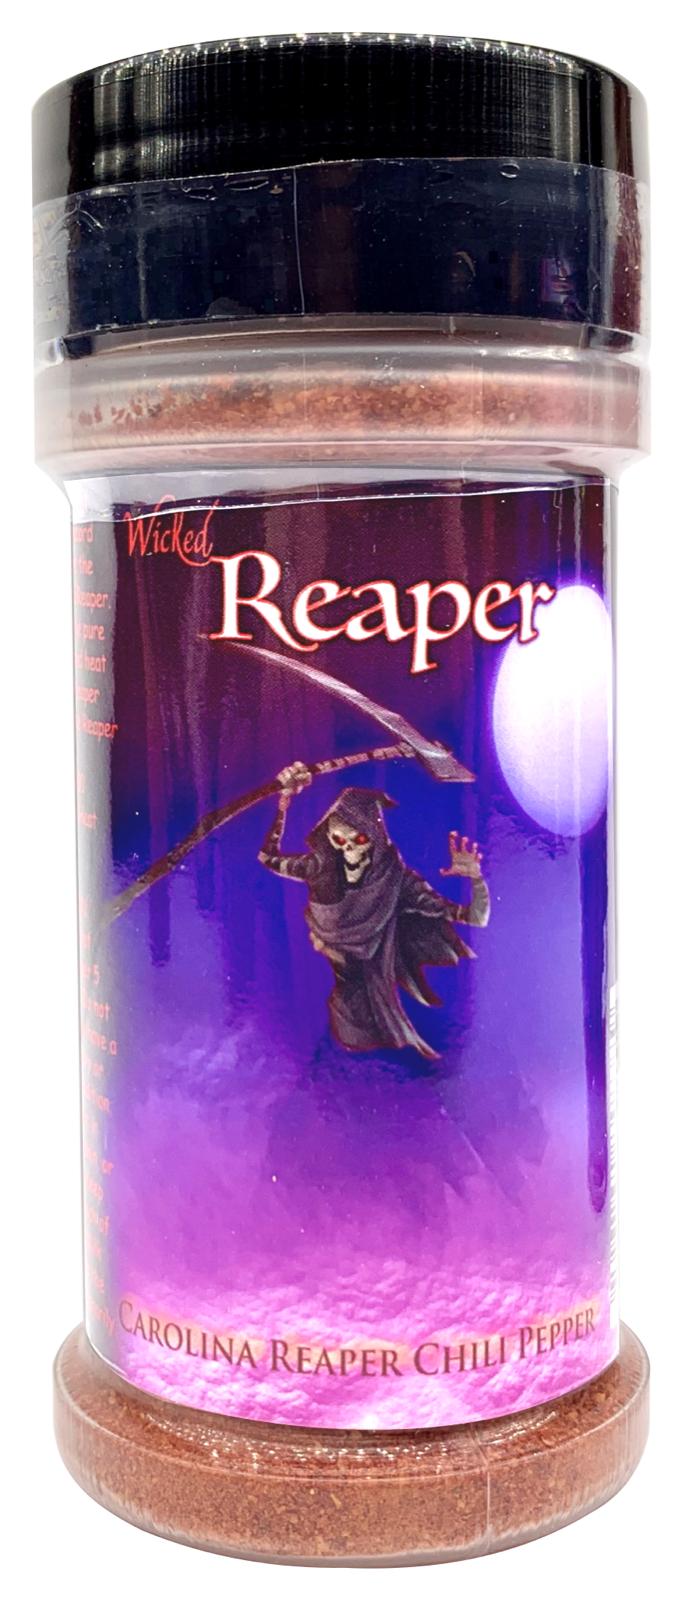 Carolina Reaper Powder Wicked Reaper Chili Pepper World's Hottest Chili 2 oz